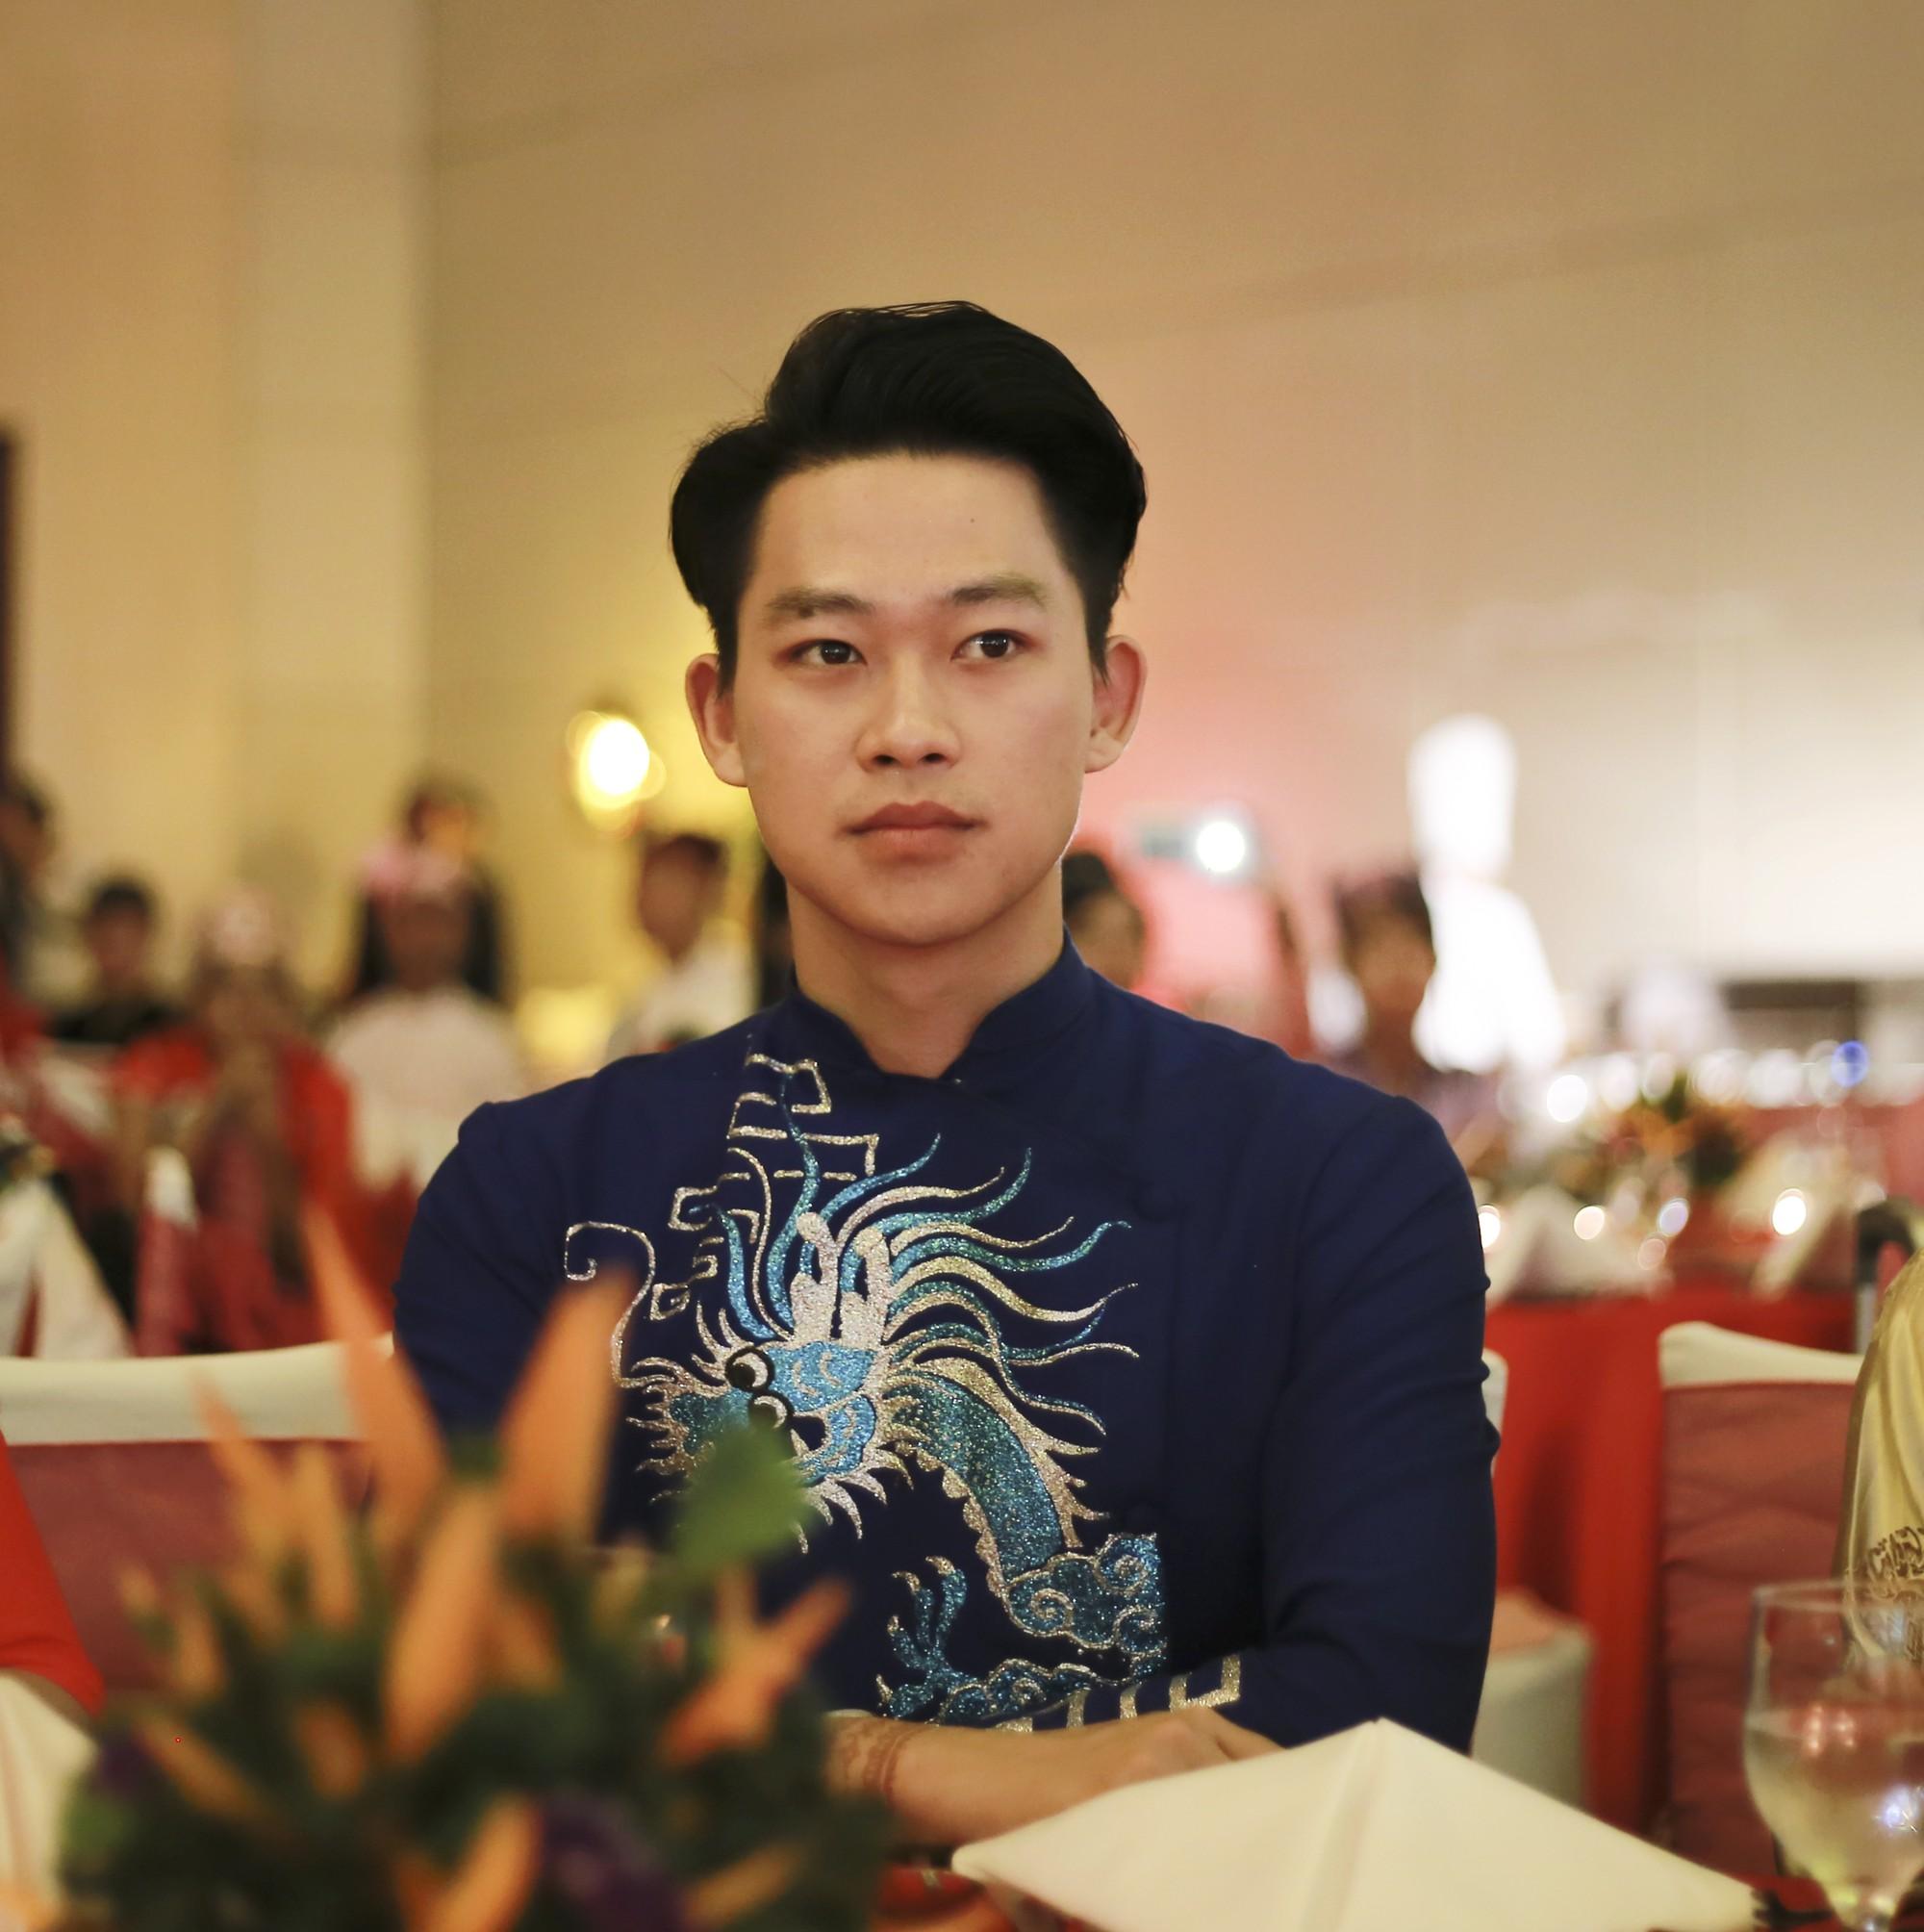 Cậu bạn Hà Nội đẹp trai, giành học bổng du học 5 nước, là thủ khoa đầu vào và tốt nghiệp ĐH với số điểm cao nhất - Ảnh 8.